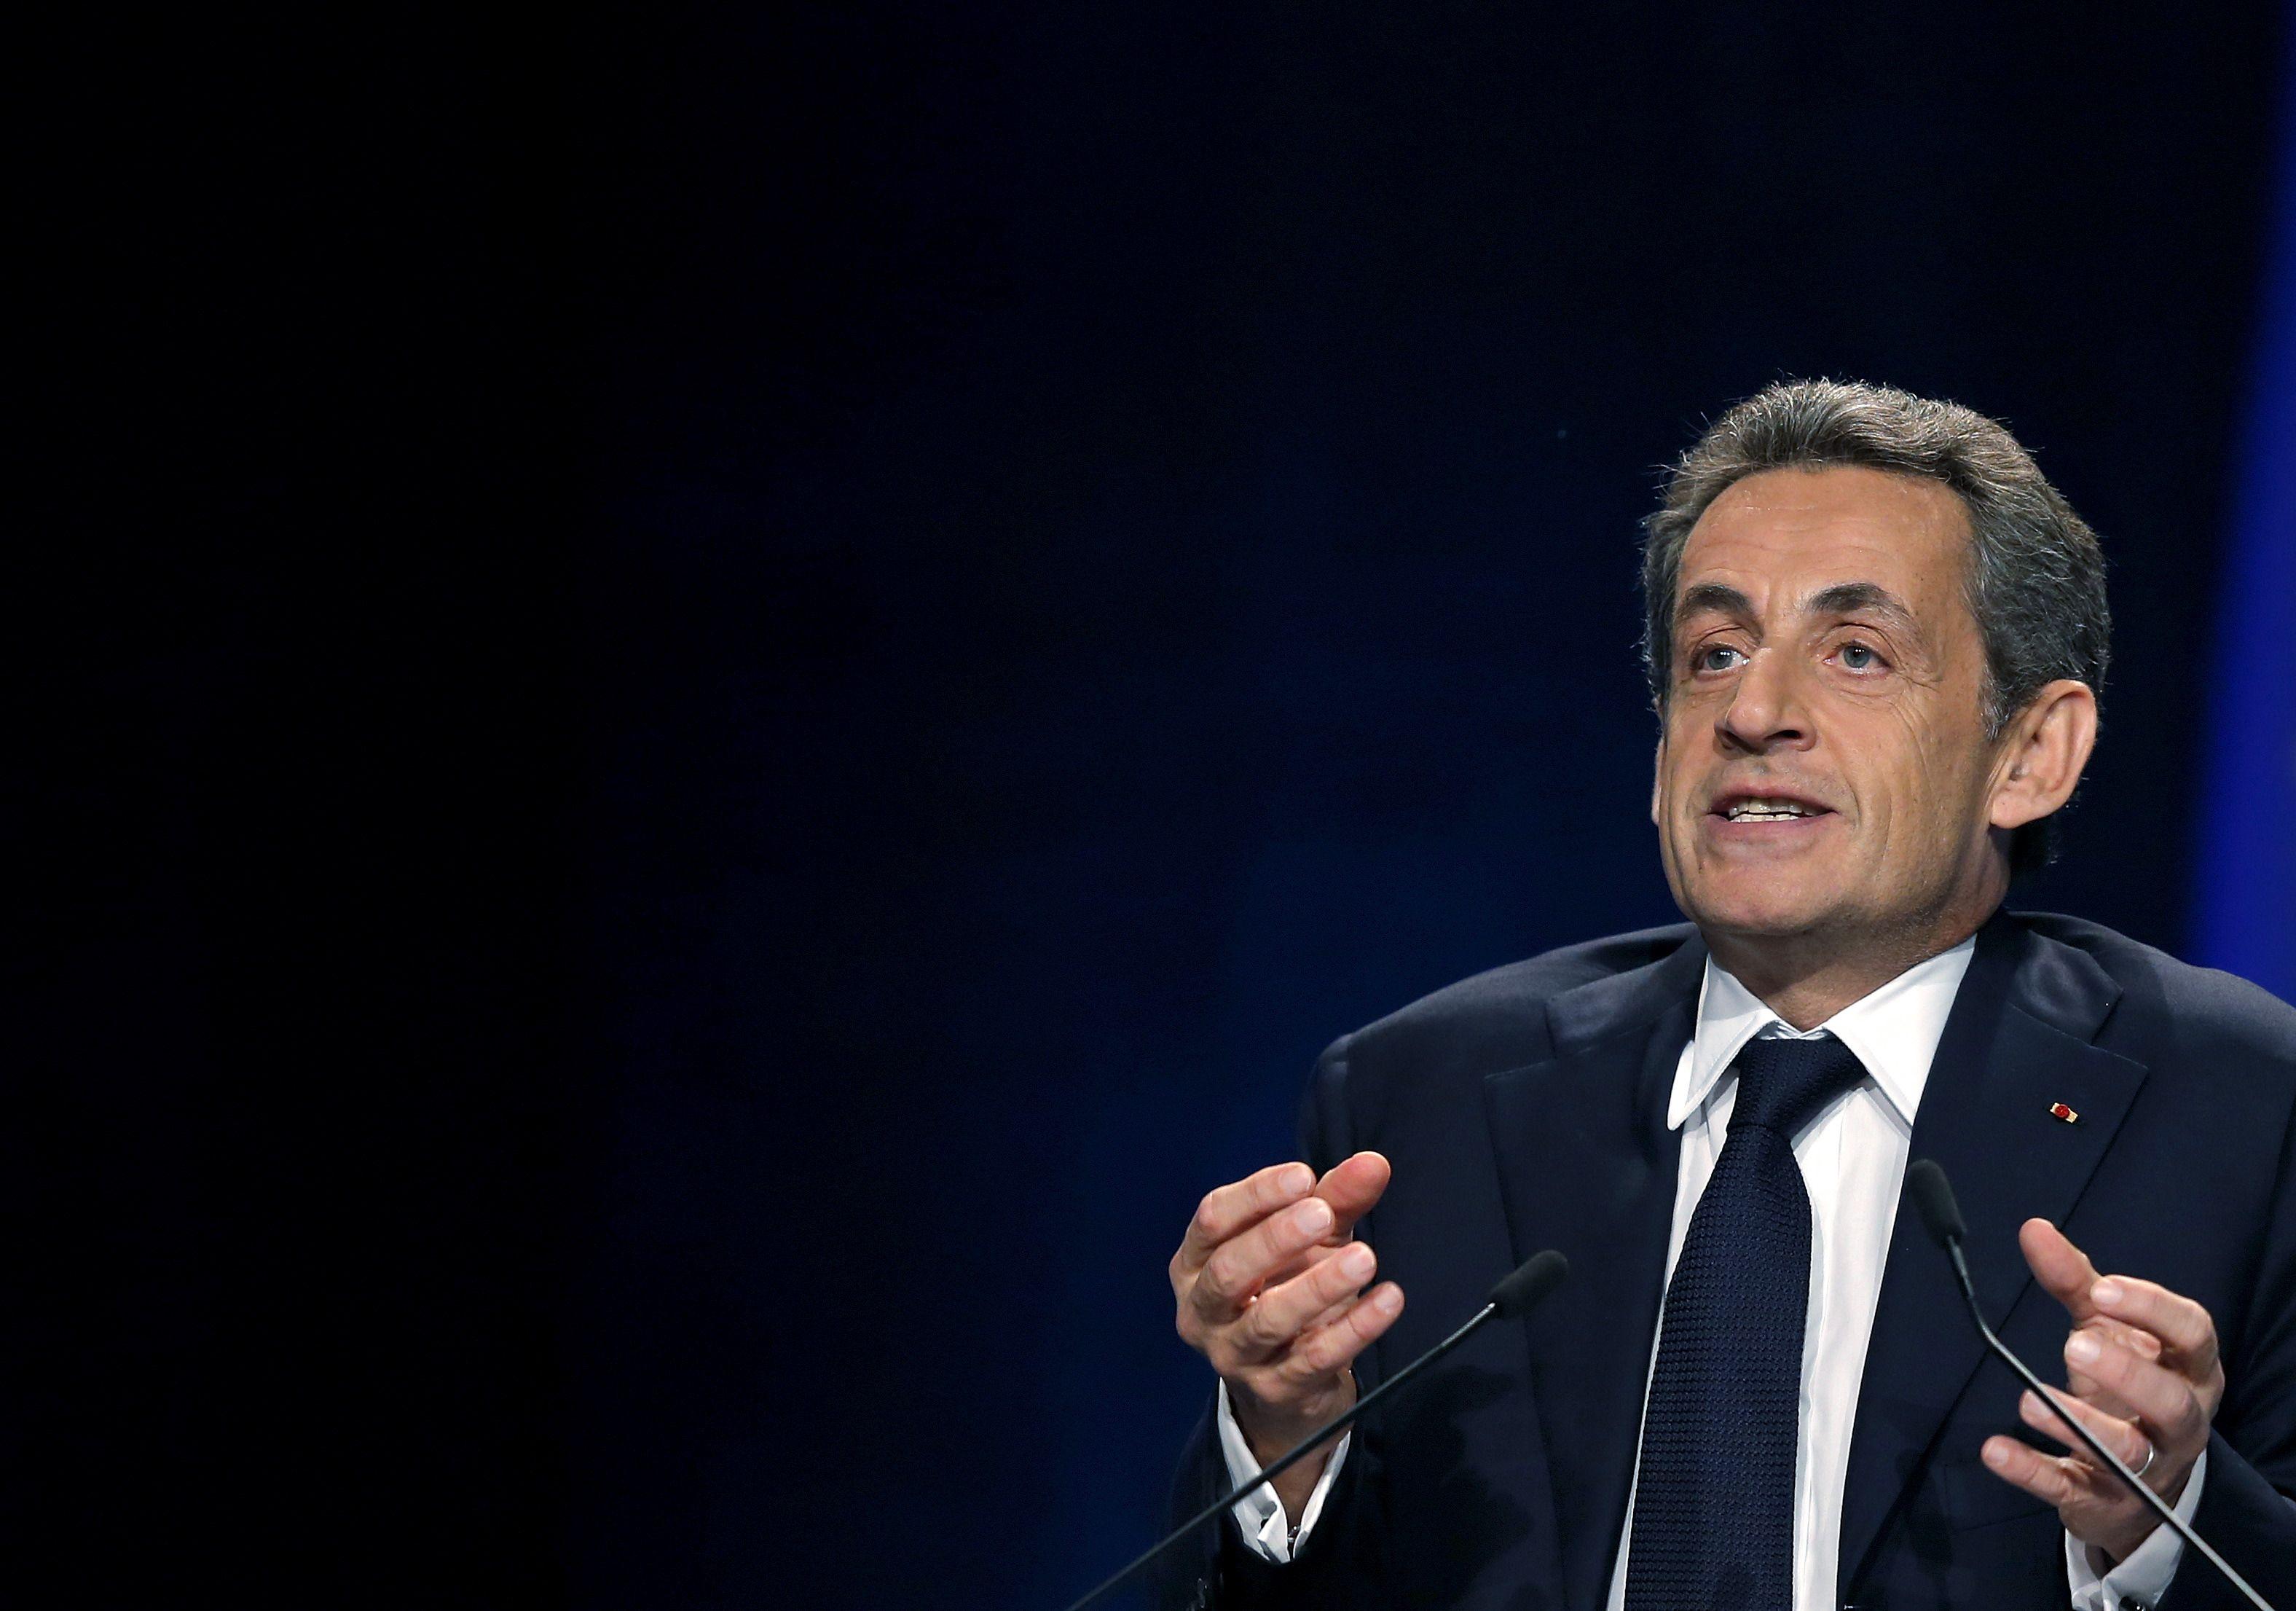 Nicolas Sarkozy est arrivé en retard et énervé au Bureau politique des Républicains. Fou de rage même, selon certains participants.